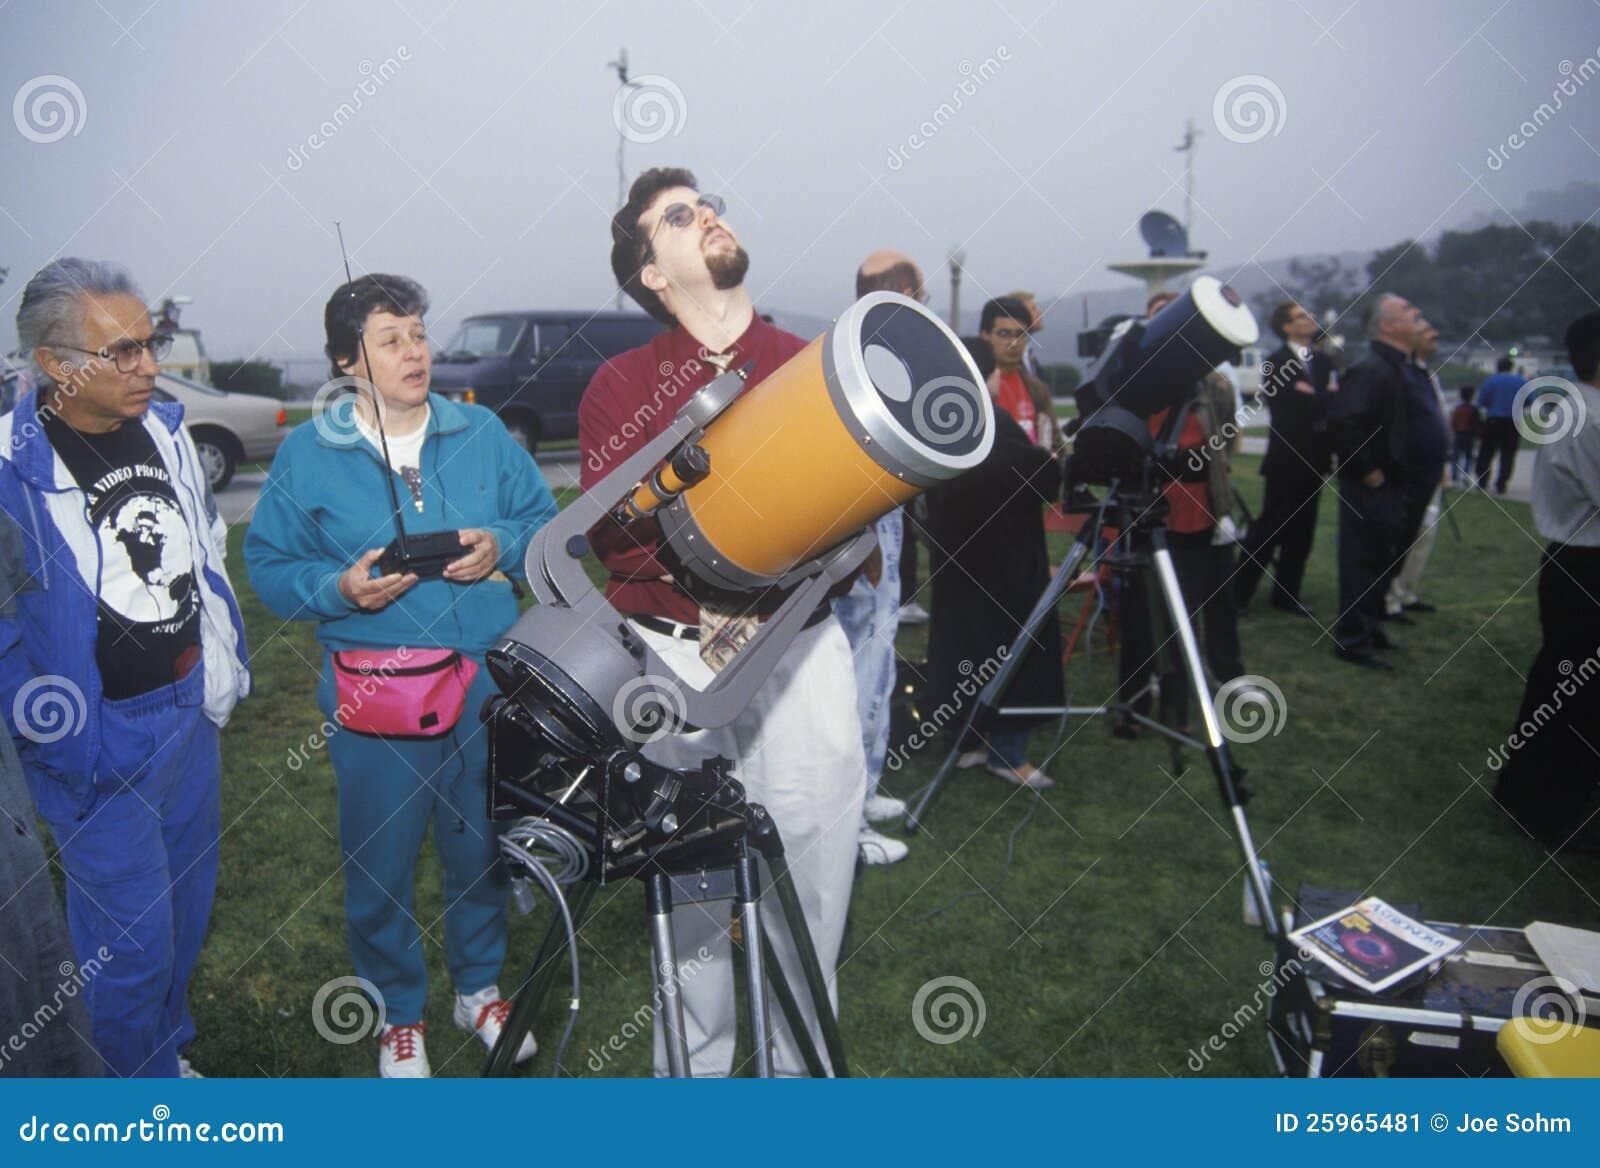 Amateur astronomers